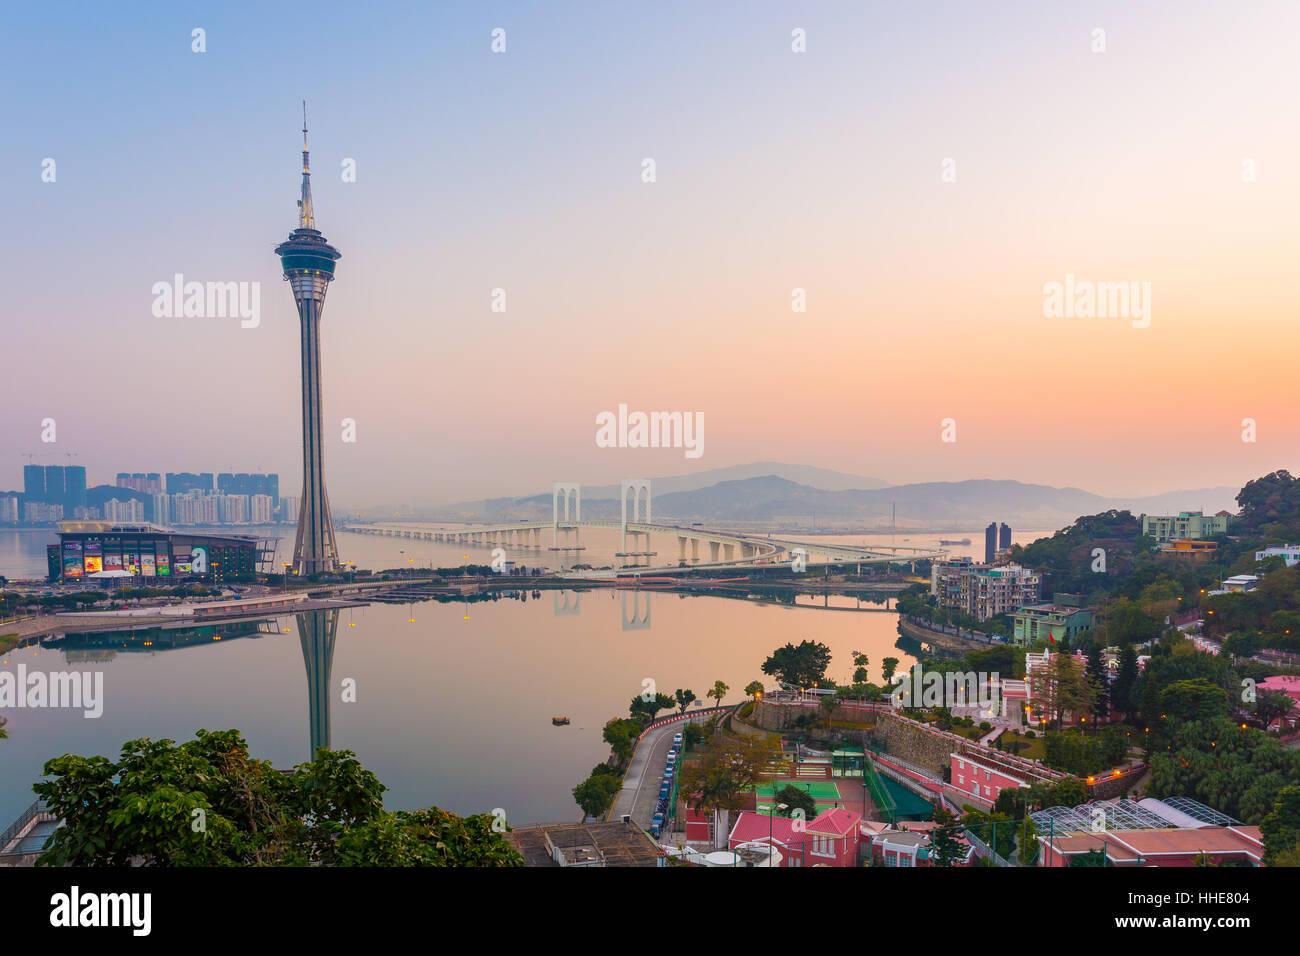 Vista de la Torre de Macau y el atardecer en Macao, China. Imagen De Stock